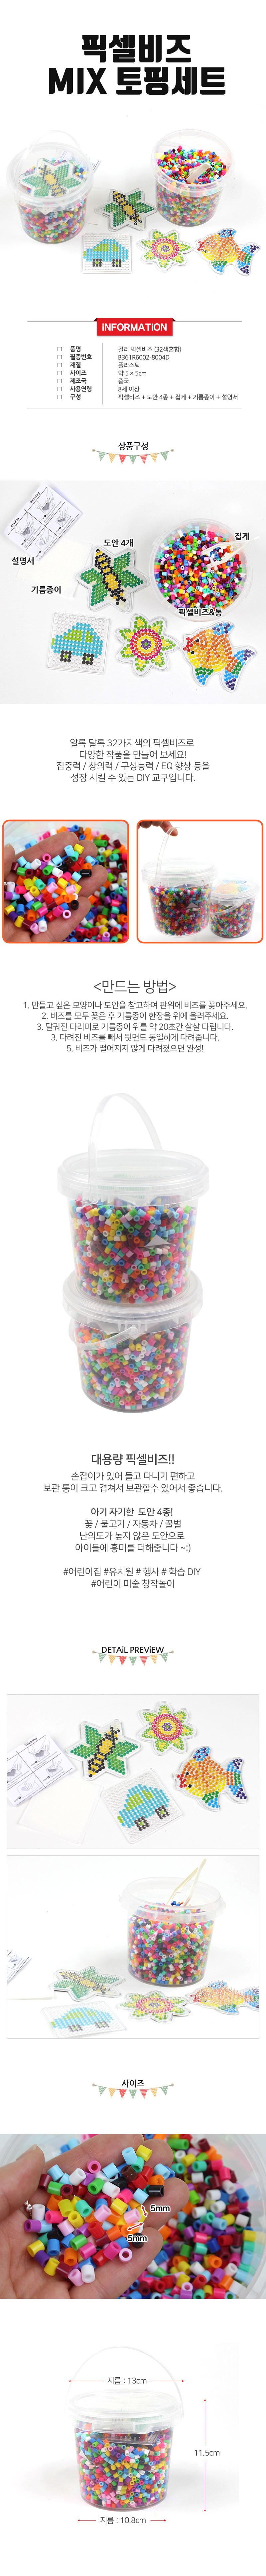 대용량 픽셀비즈 토핑세트 mix - 아이펀즈, 5,000원, 비즈공예, 비즈공예 패키지